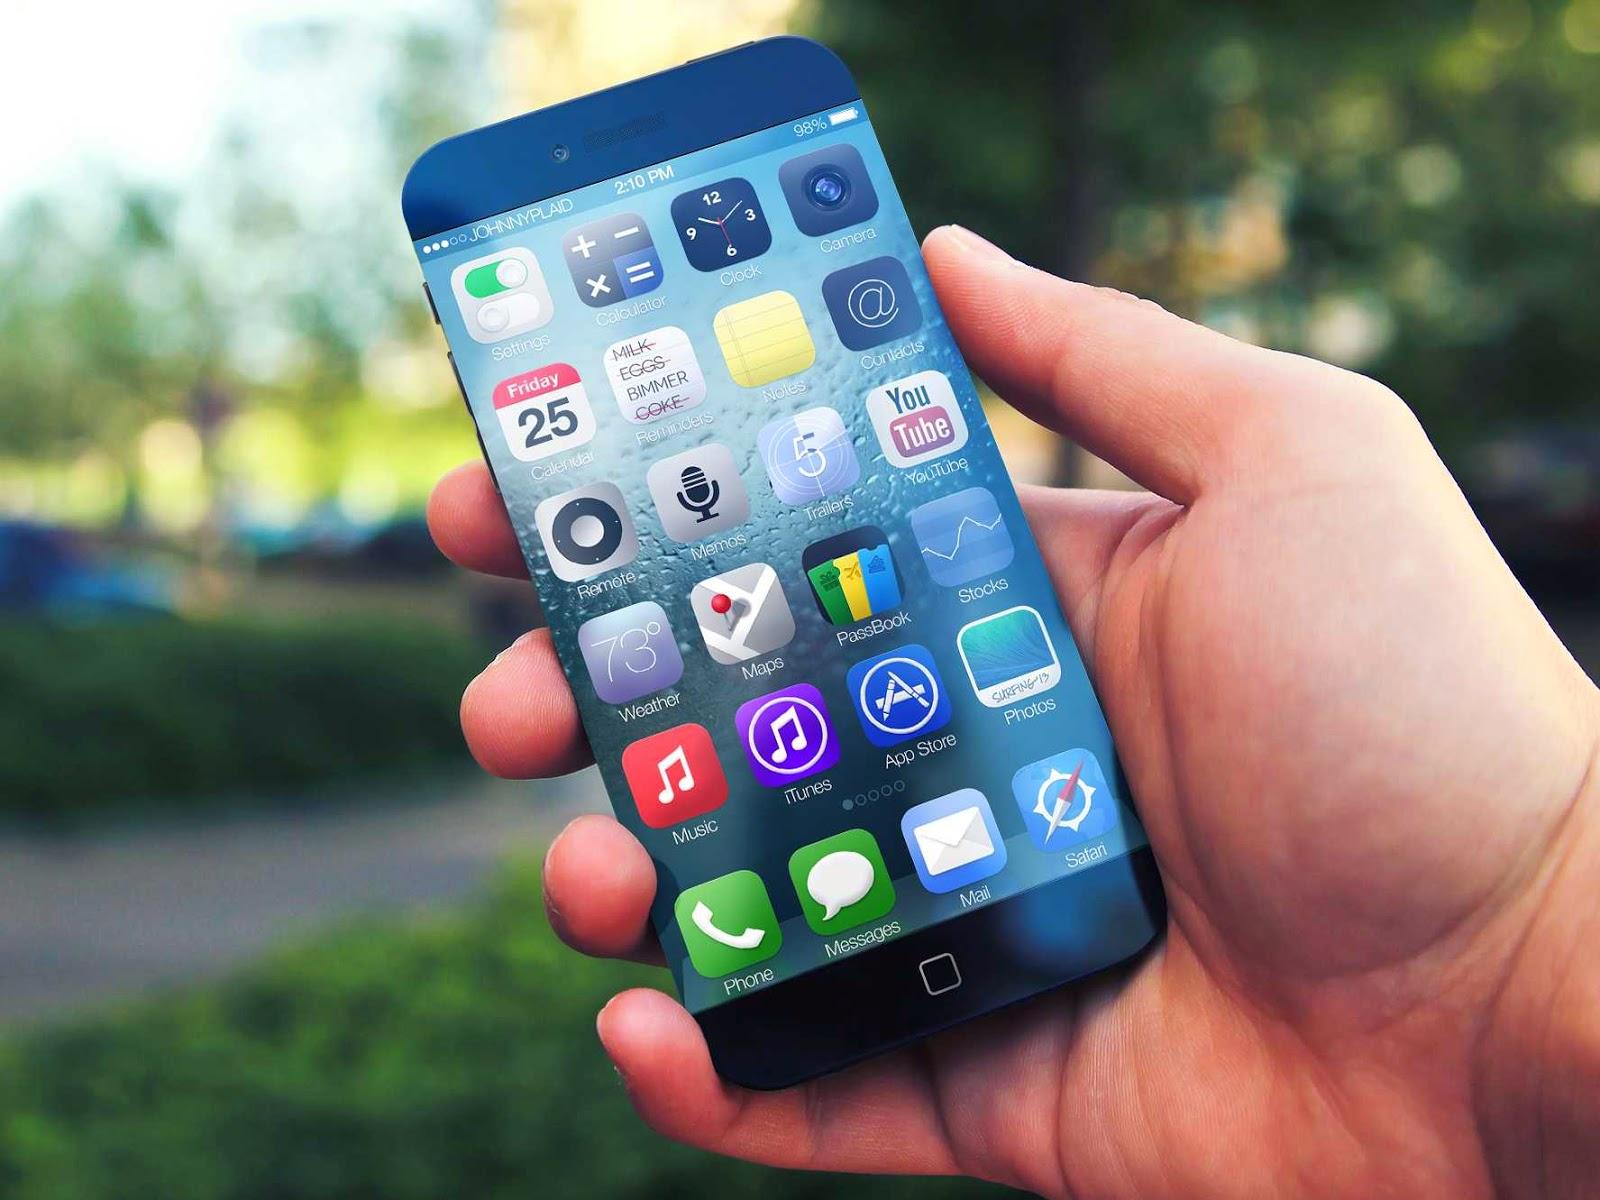 Обзор Apple iPhone 6: новый флагман Apple подробное описание и видеопрезентация